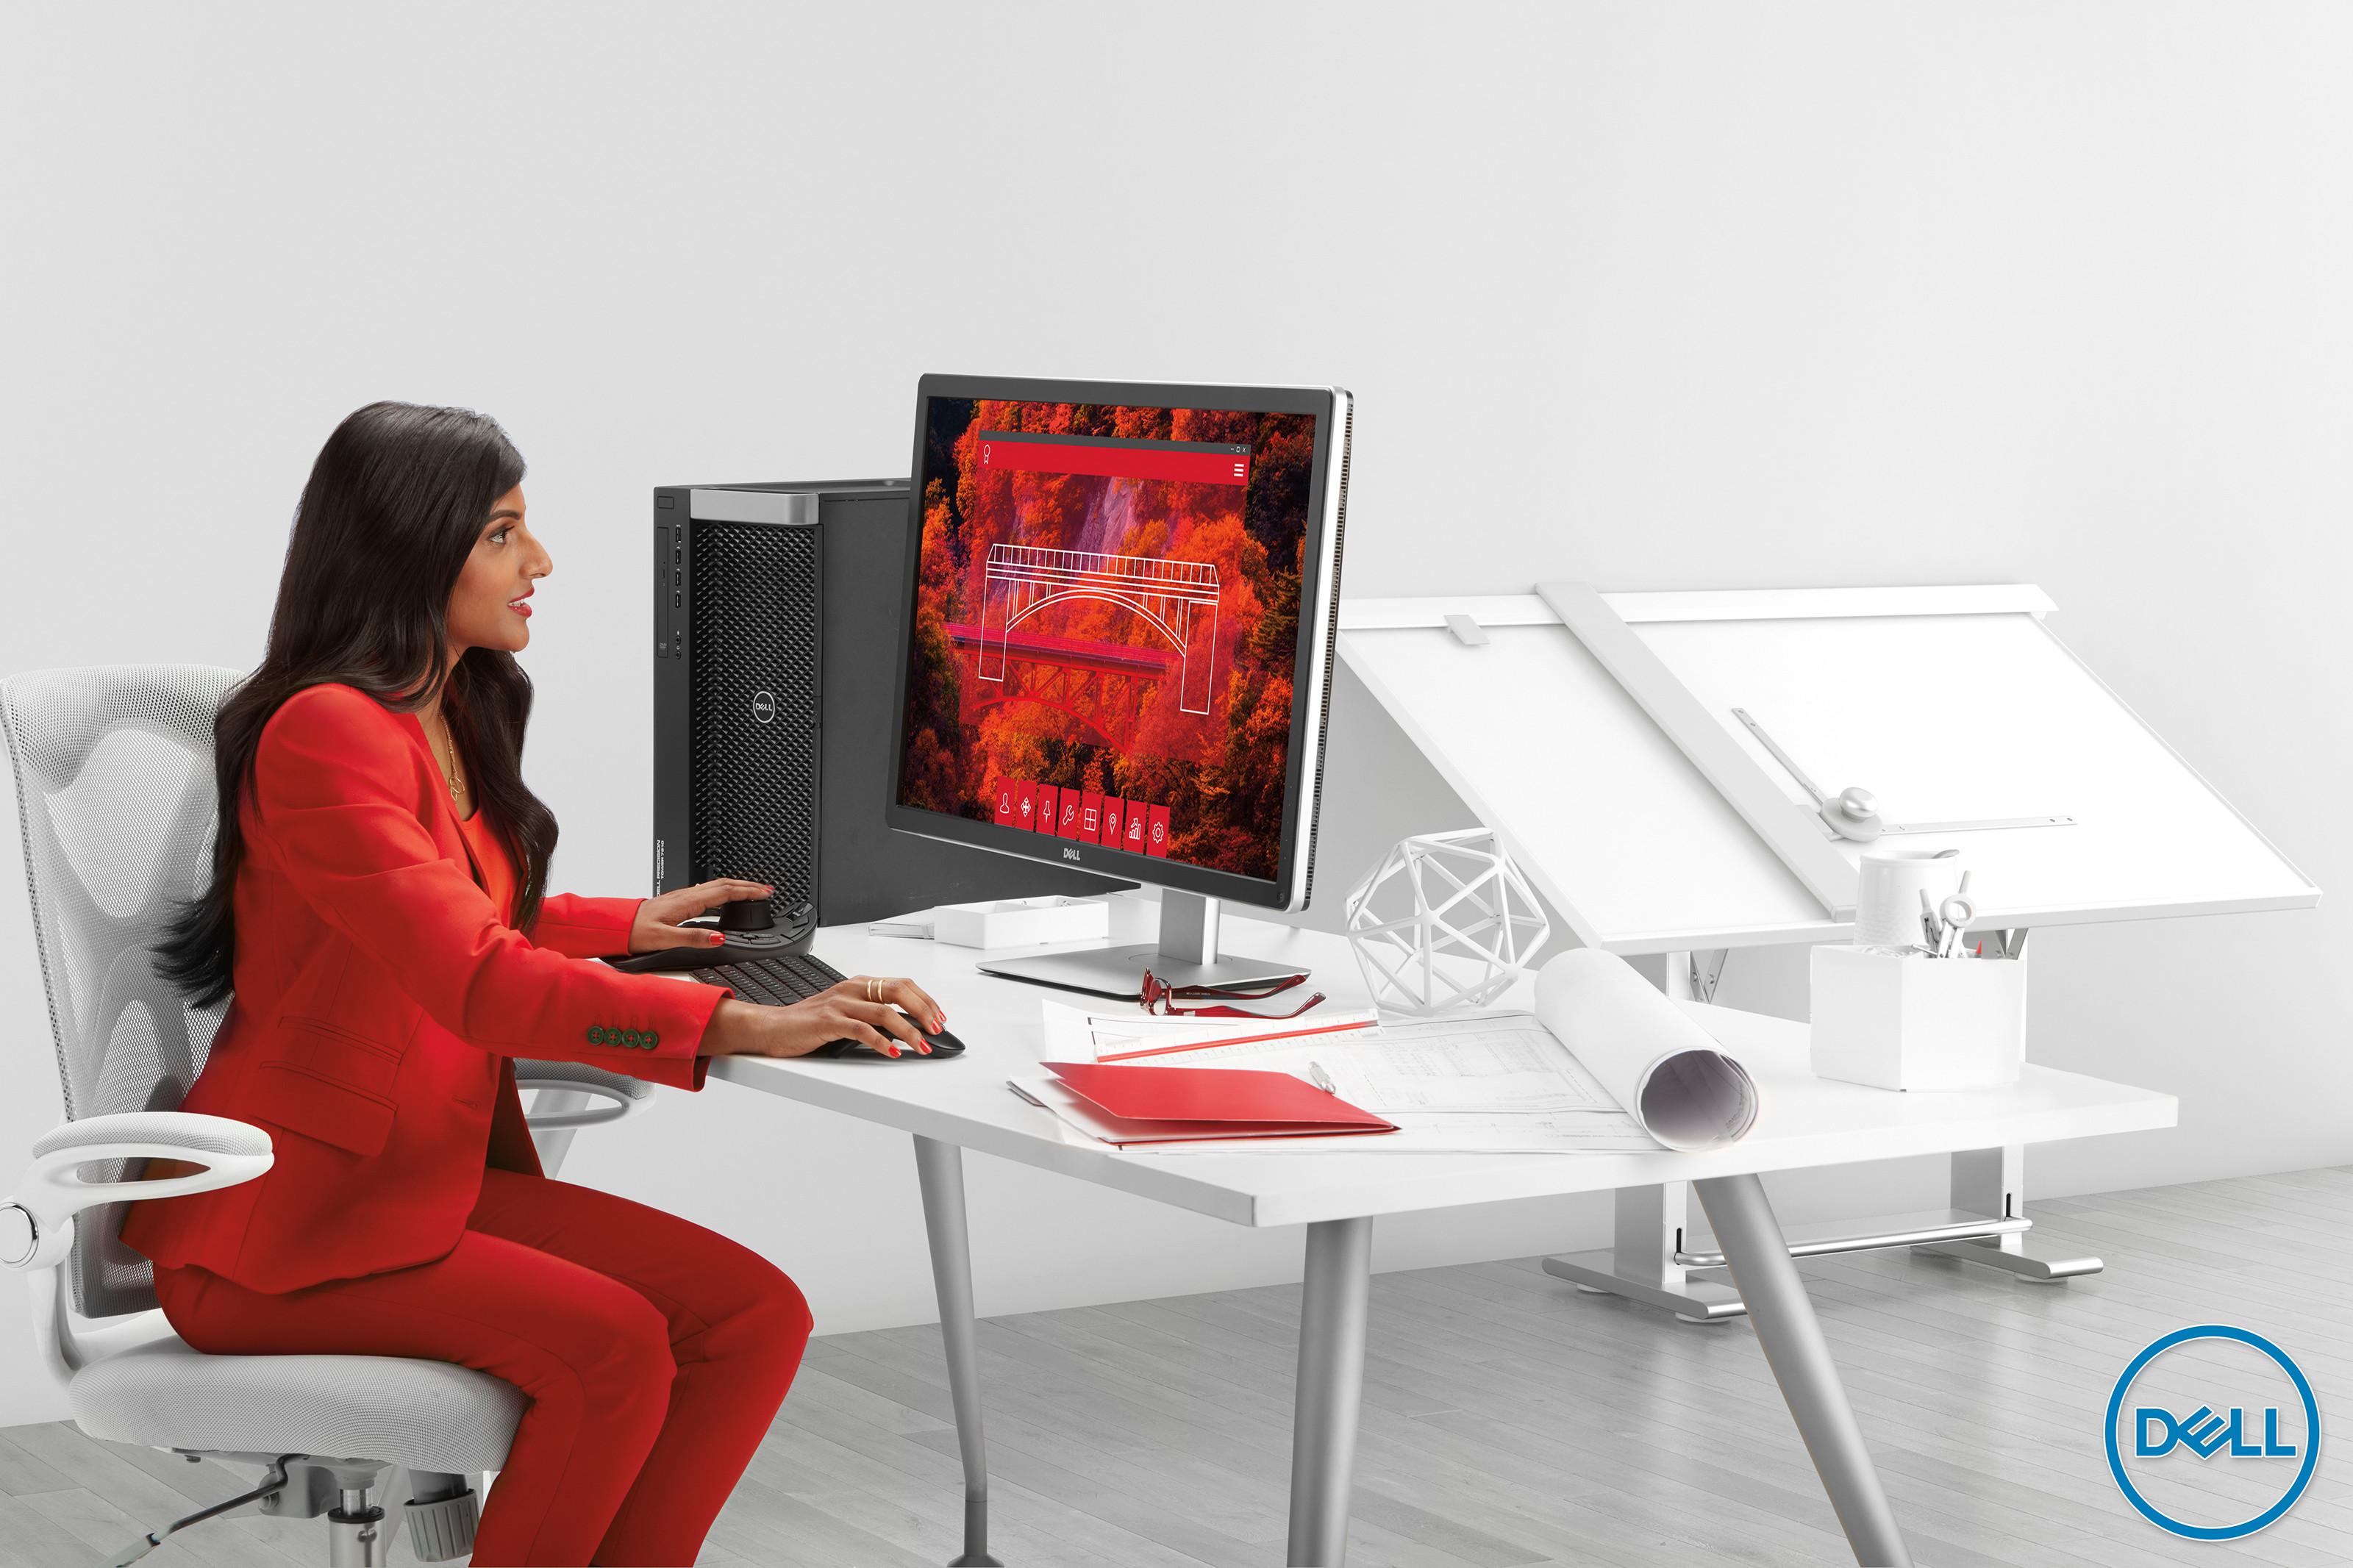 Engineer @ Desk, Ver. 2